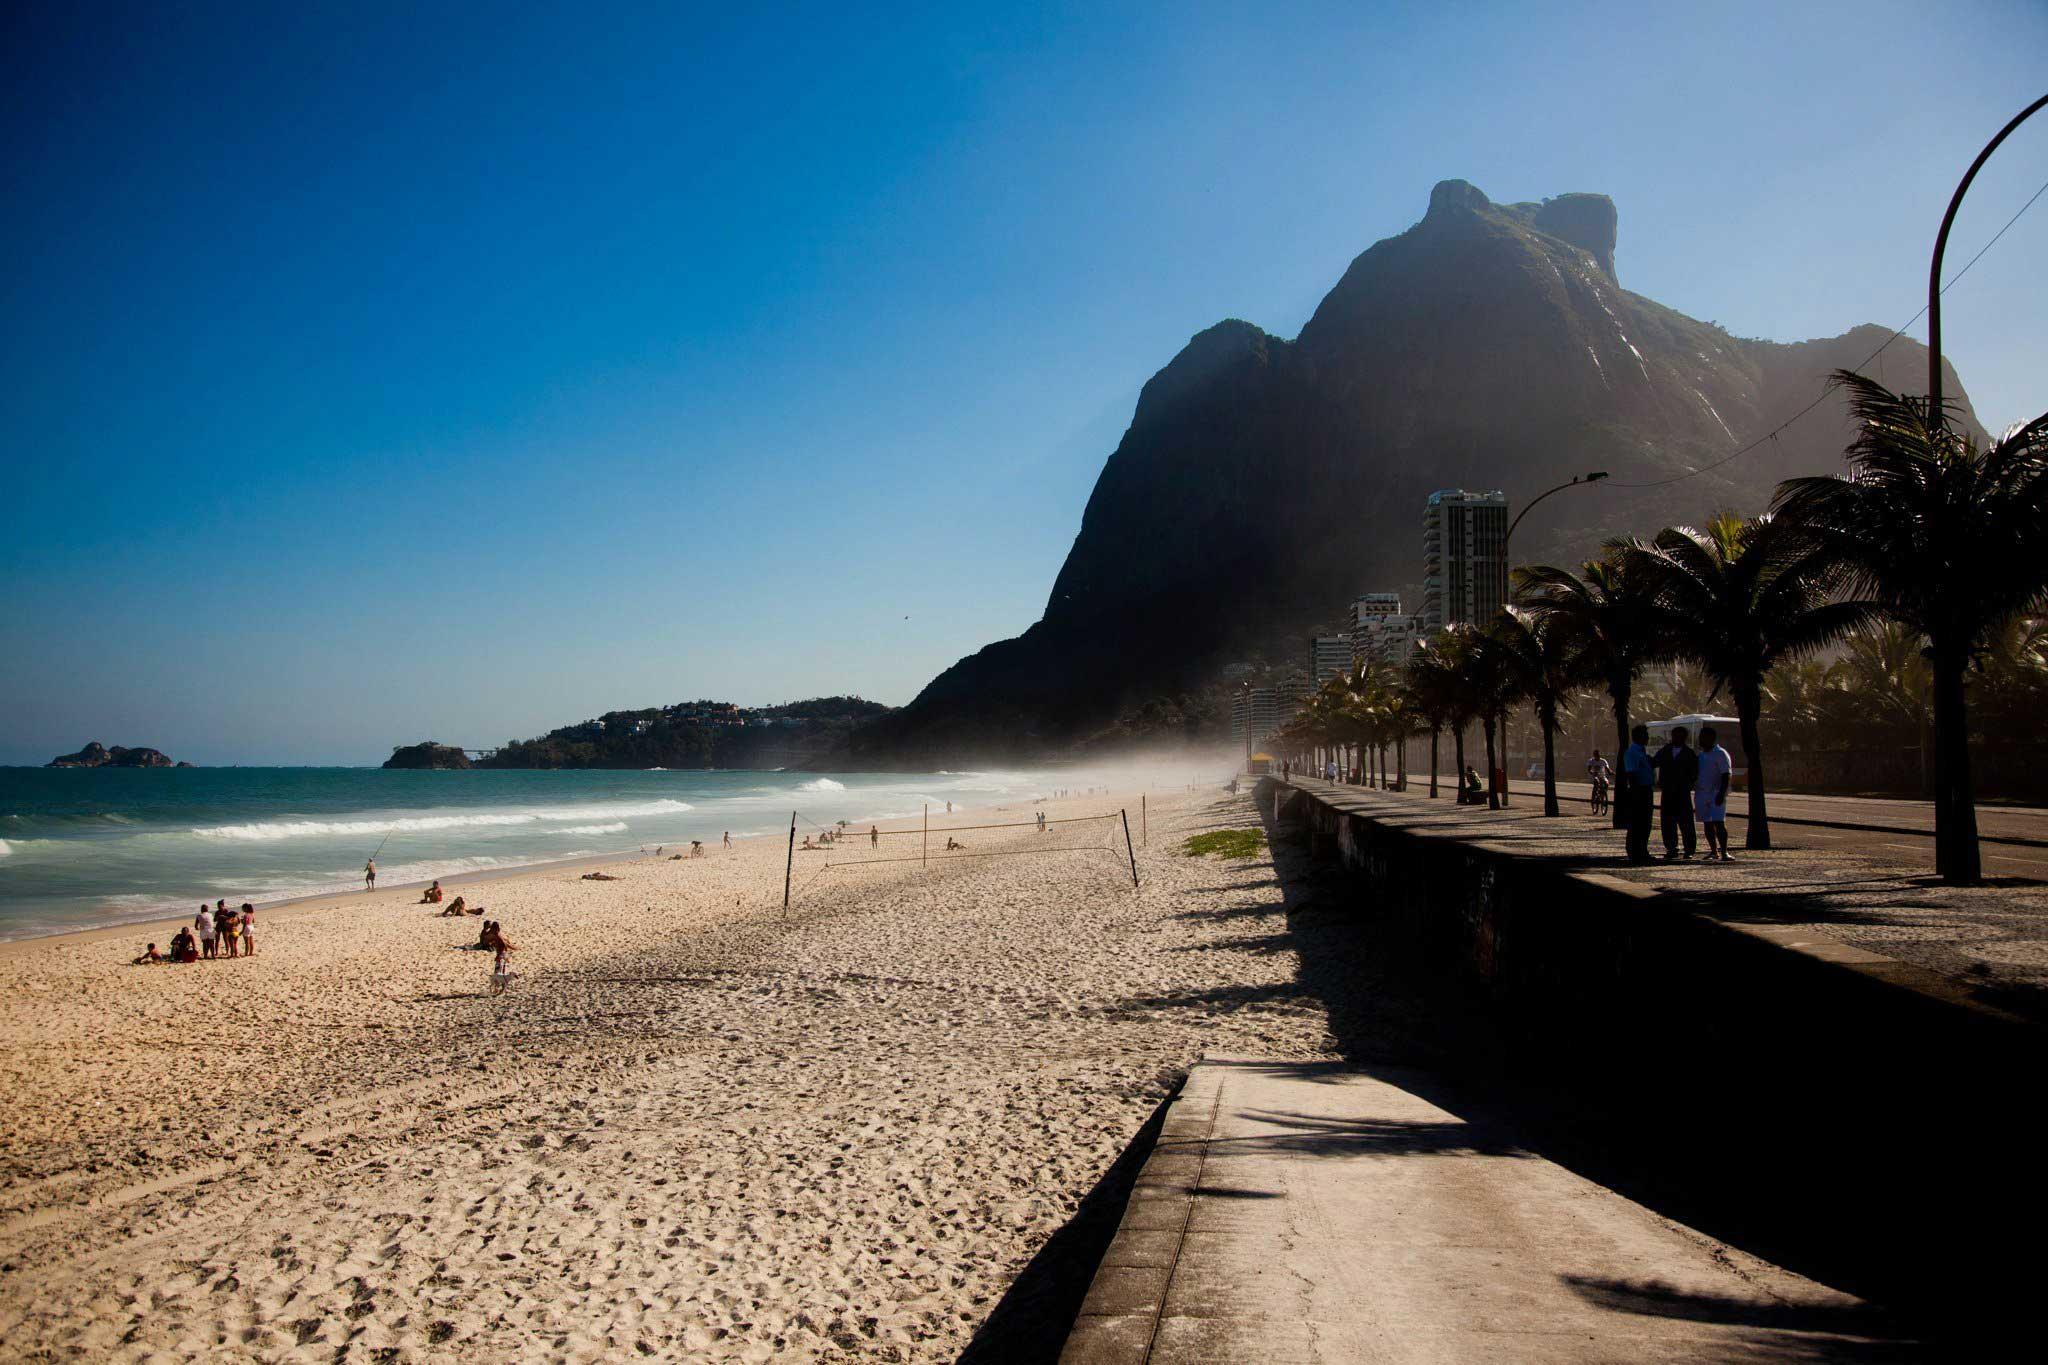 Praia de São Conrado/ Crédito foto: https://pepesourio.wordpress.com/2011/08/30/sao-conrado/